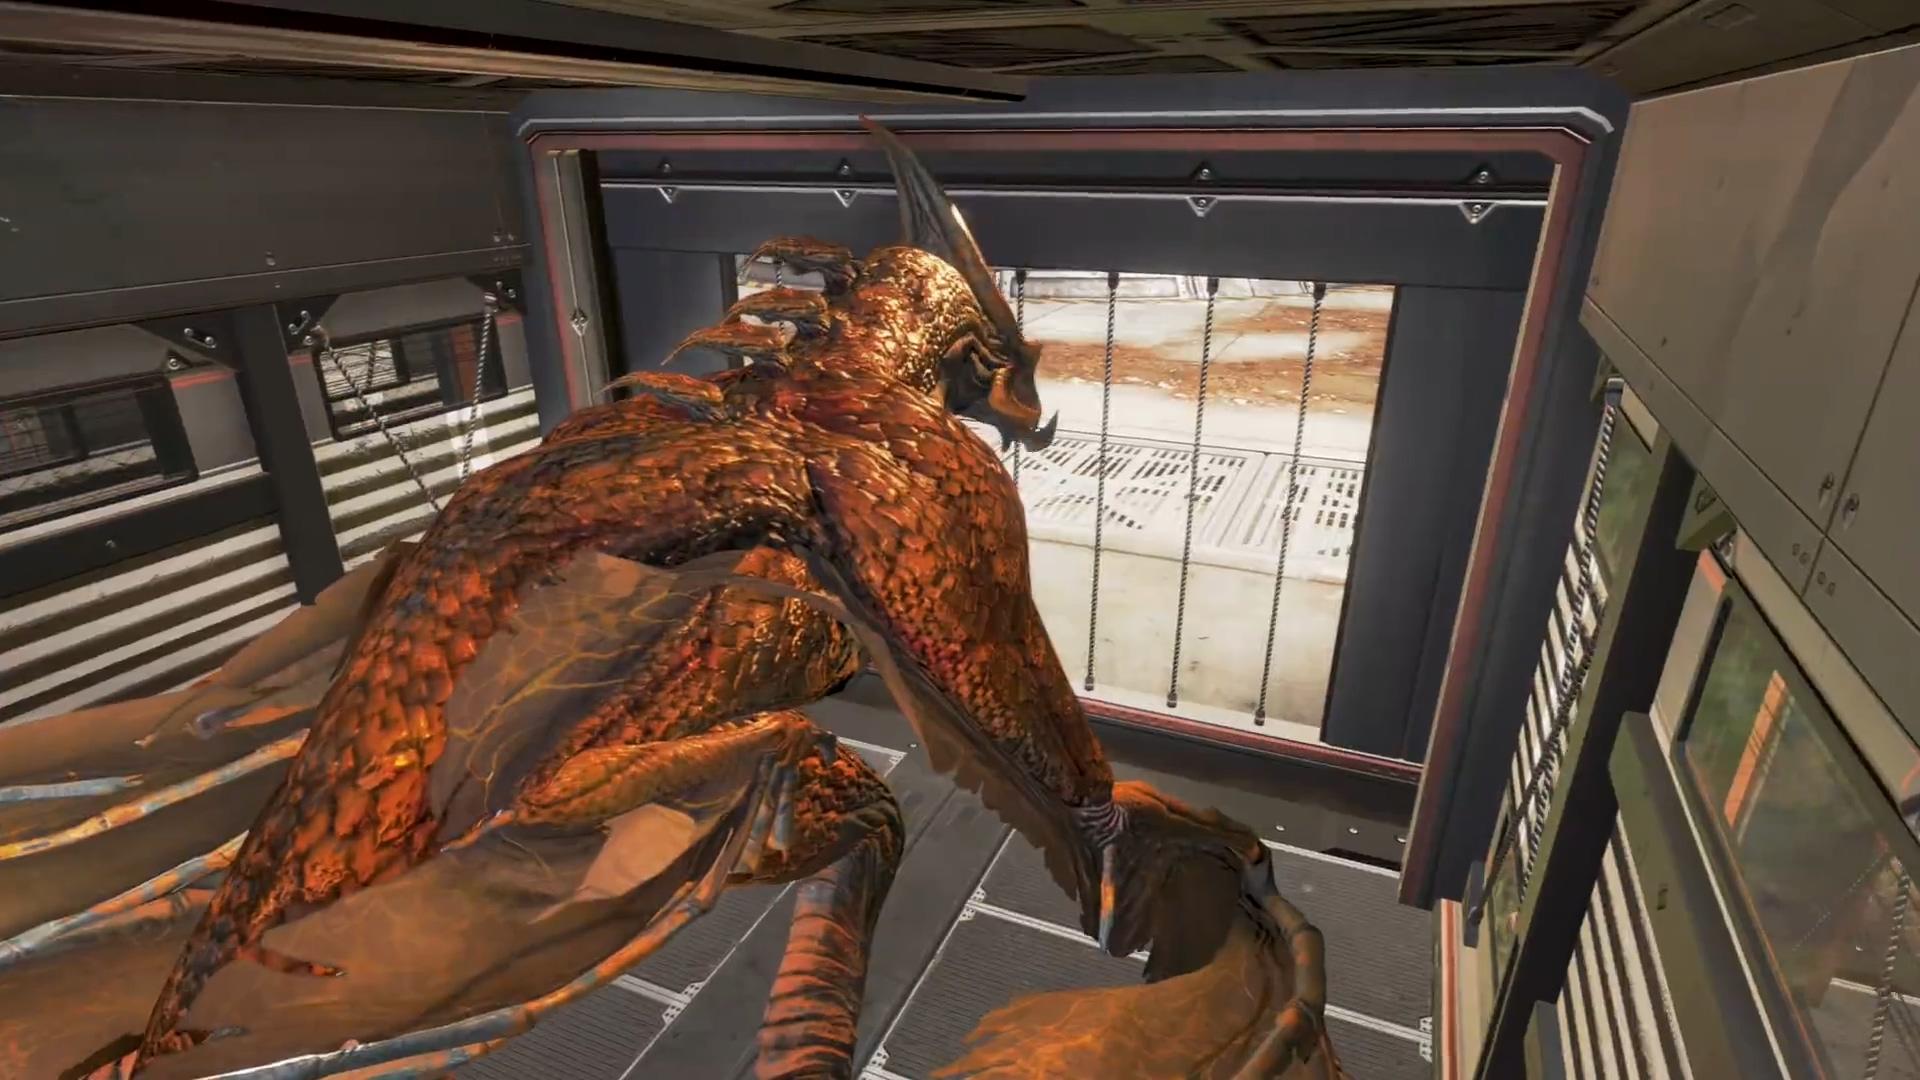 《Apex英豪》第二赛季实机预告 地图改版前后对比、利维坦巨兽添入游玩